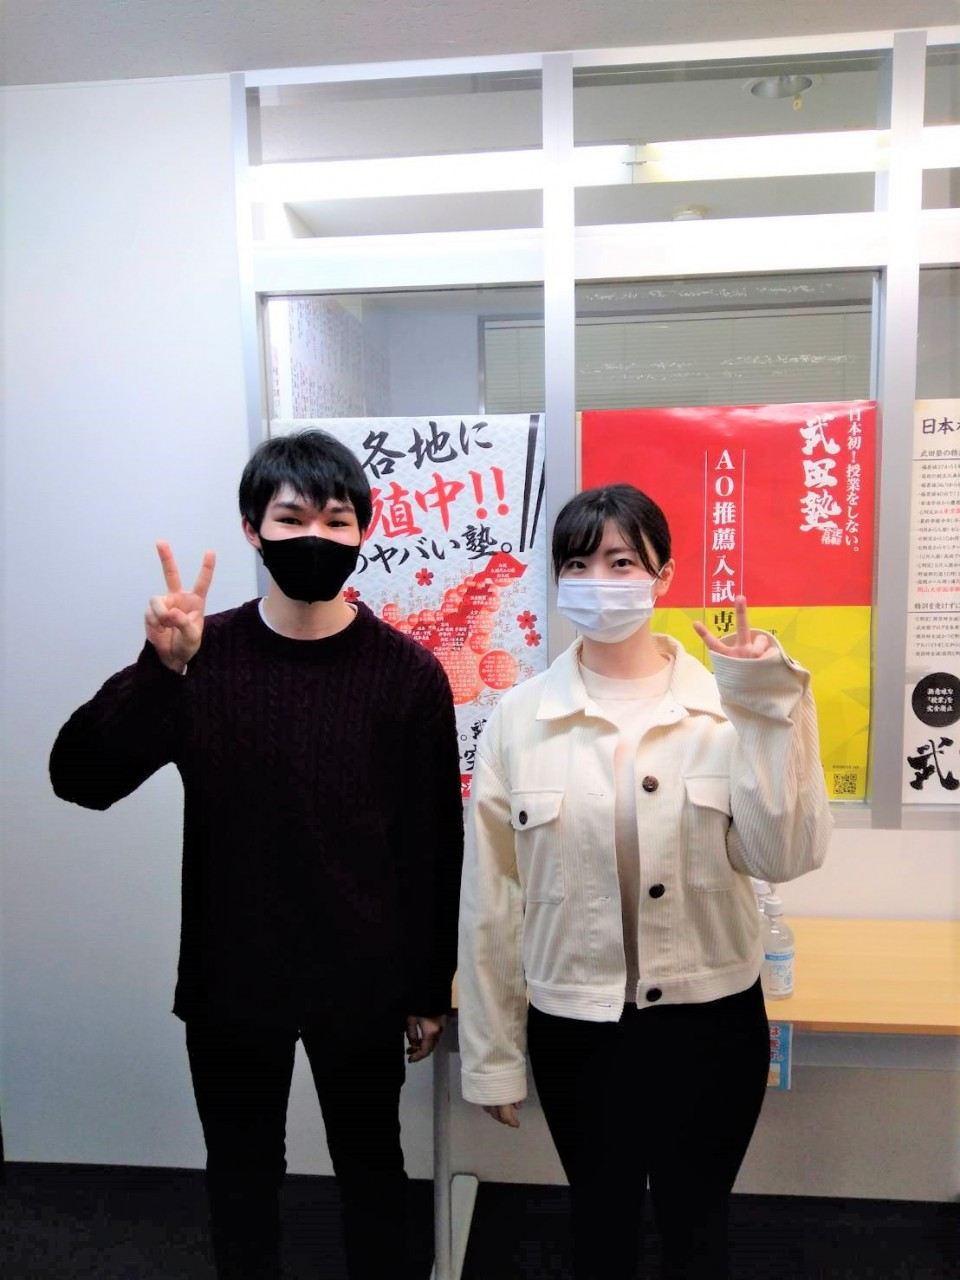 2021-03仁多見君福田先生 (2)